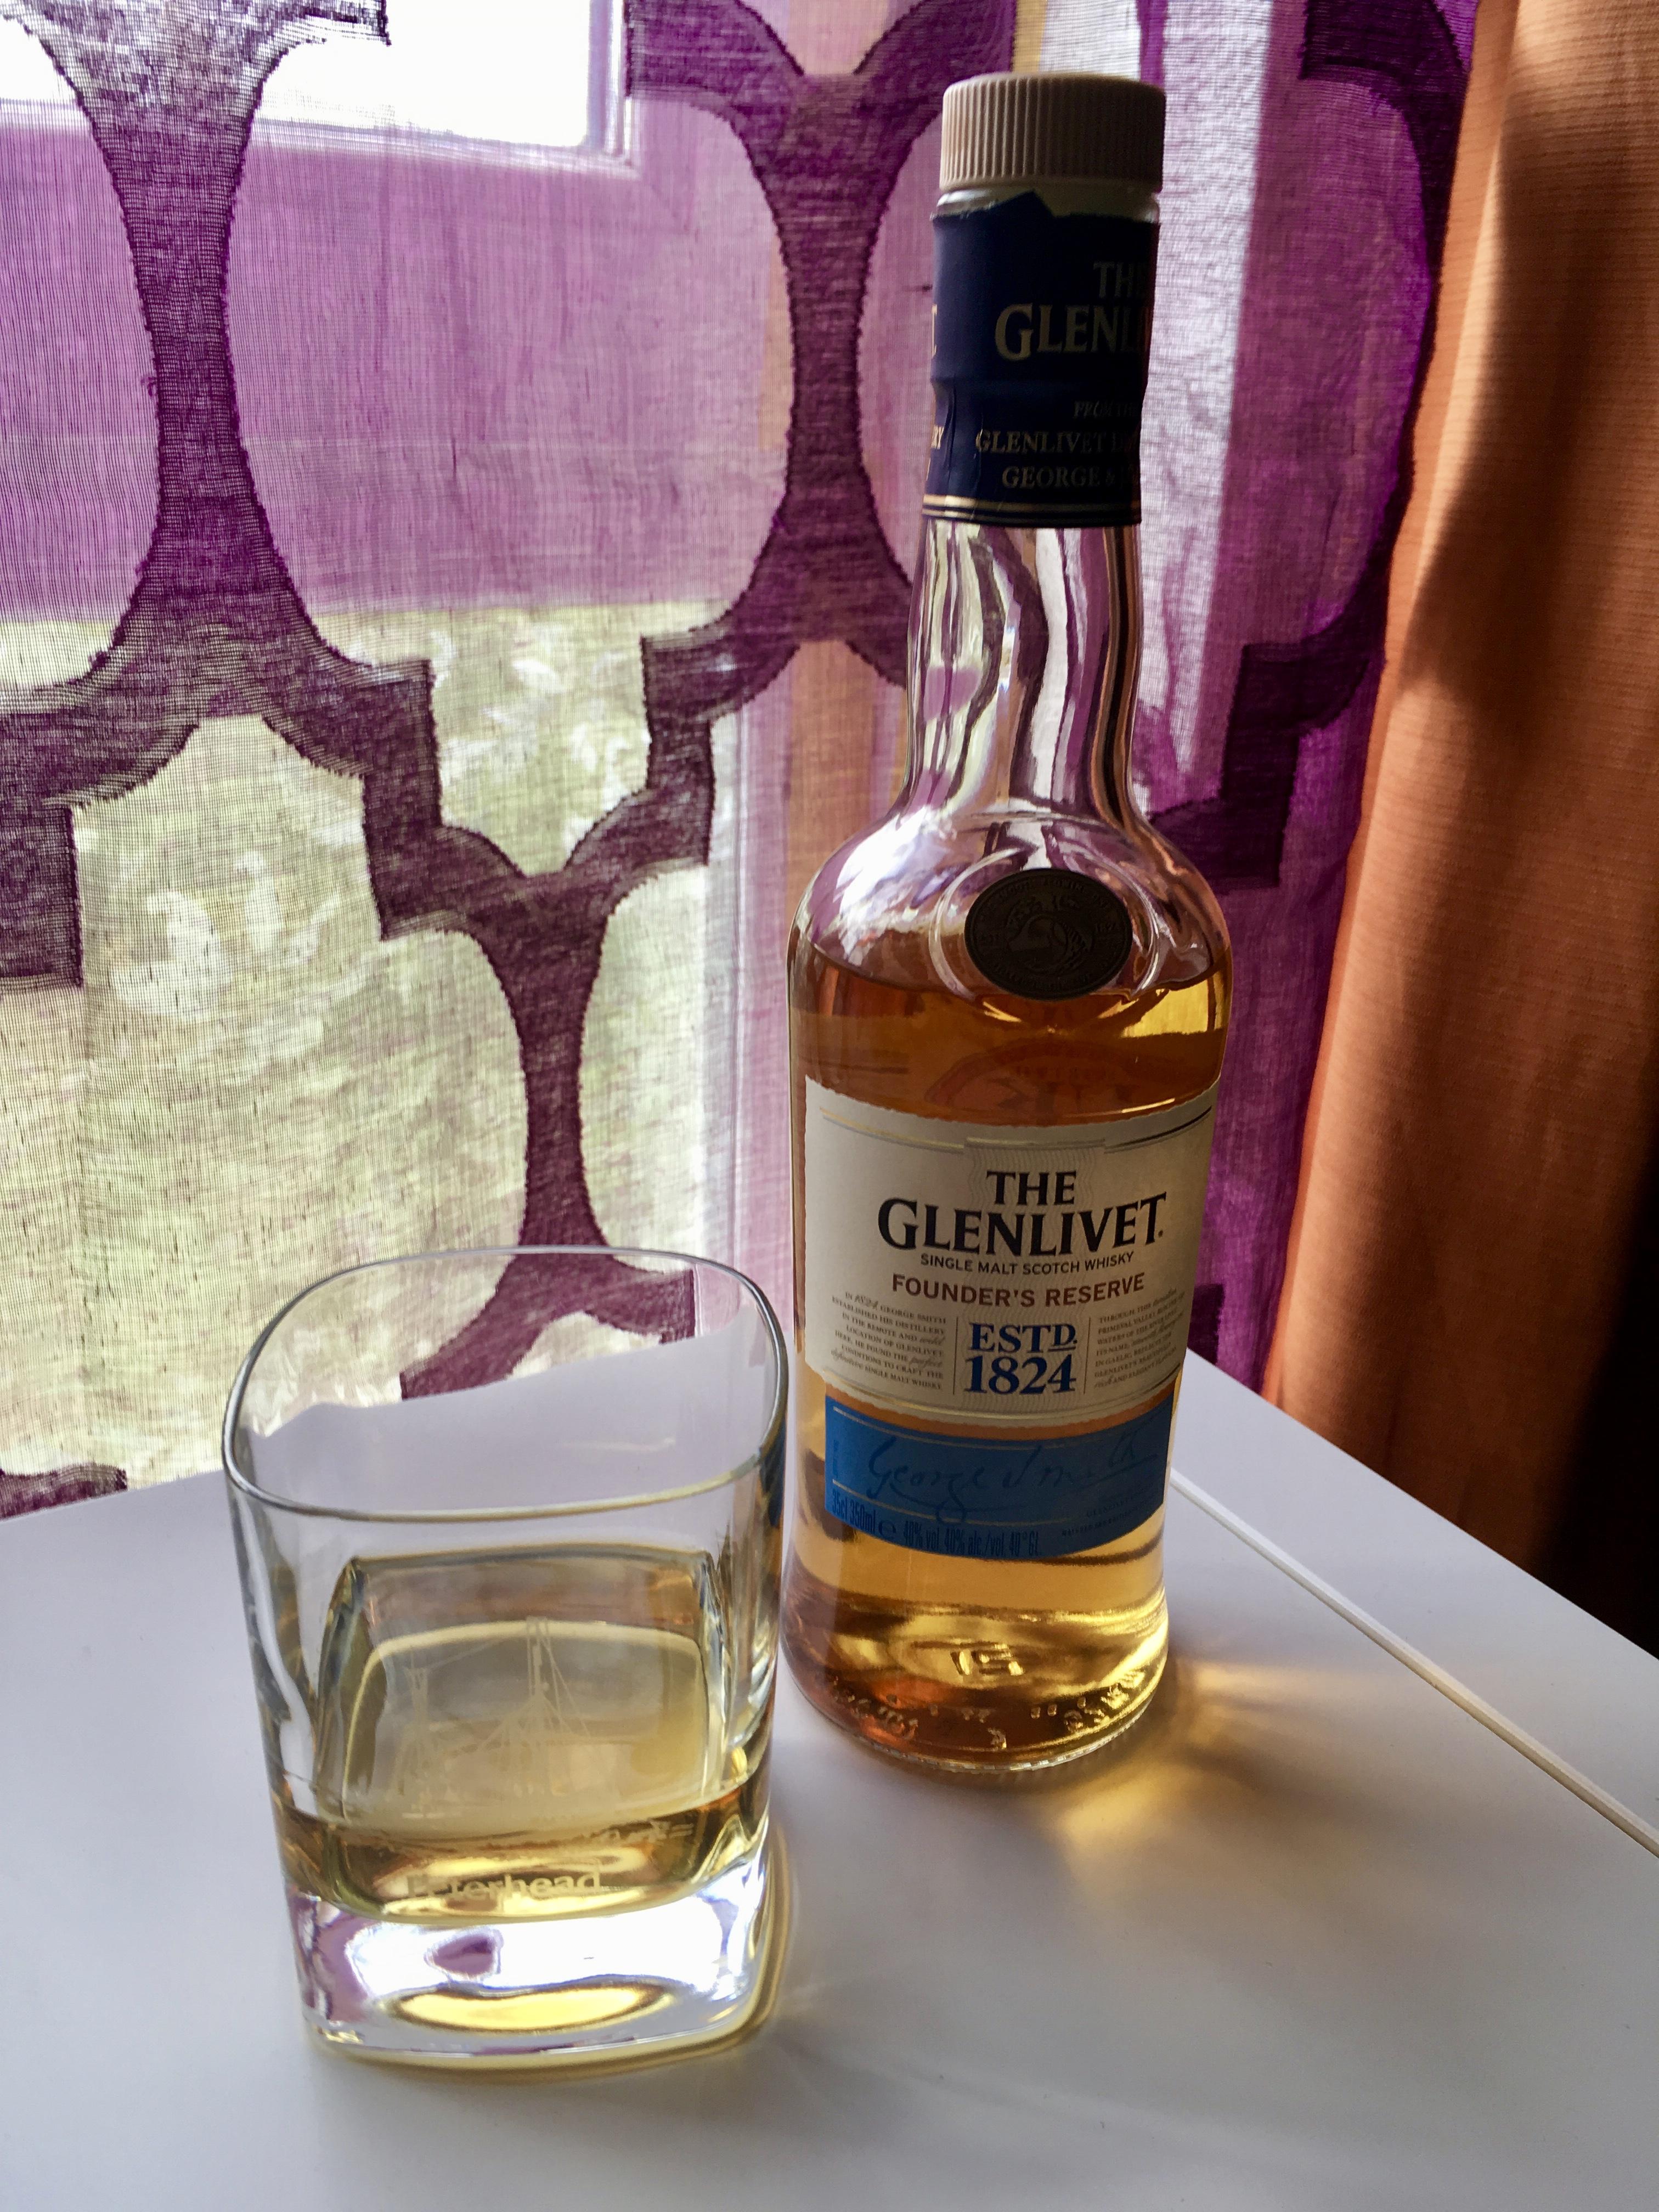 Glenlivet Single Malt Scotch Whisky by Jez Braithwaite